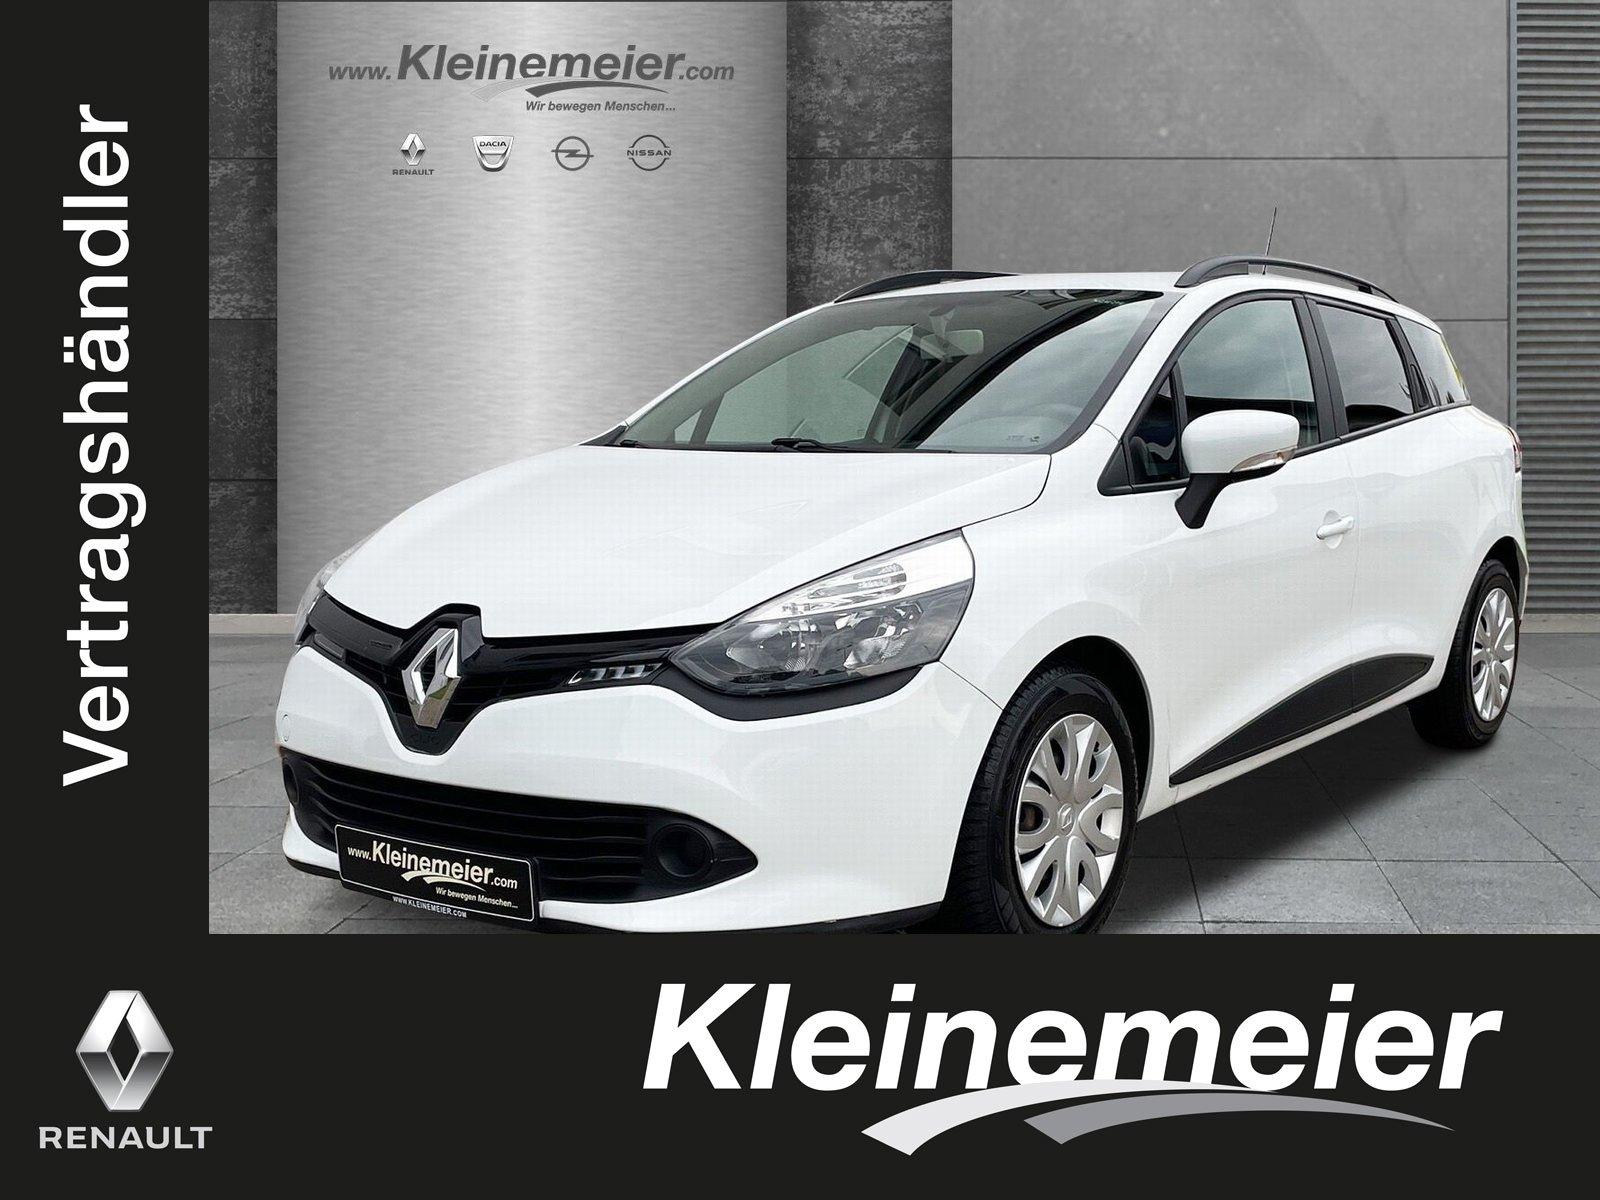 Renault Clio Grandtour 1.2 16V Expression*Standheizung*, Jahr 2014, Benzin